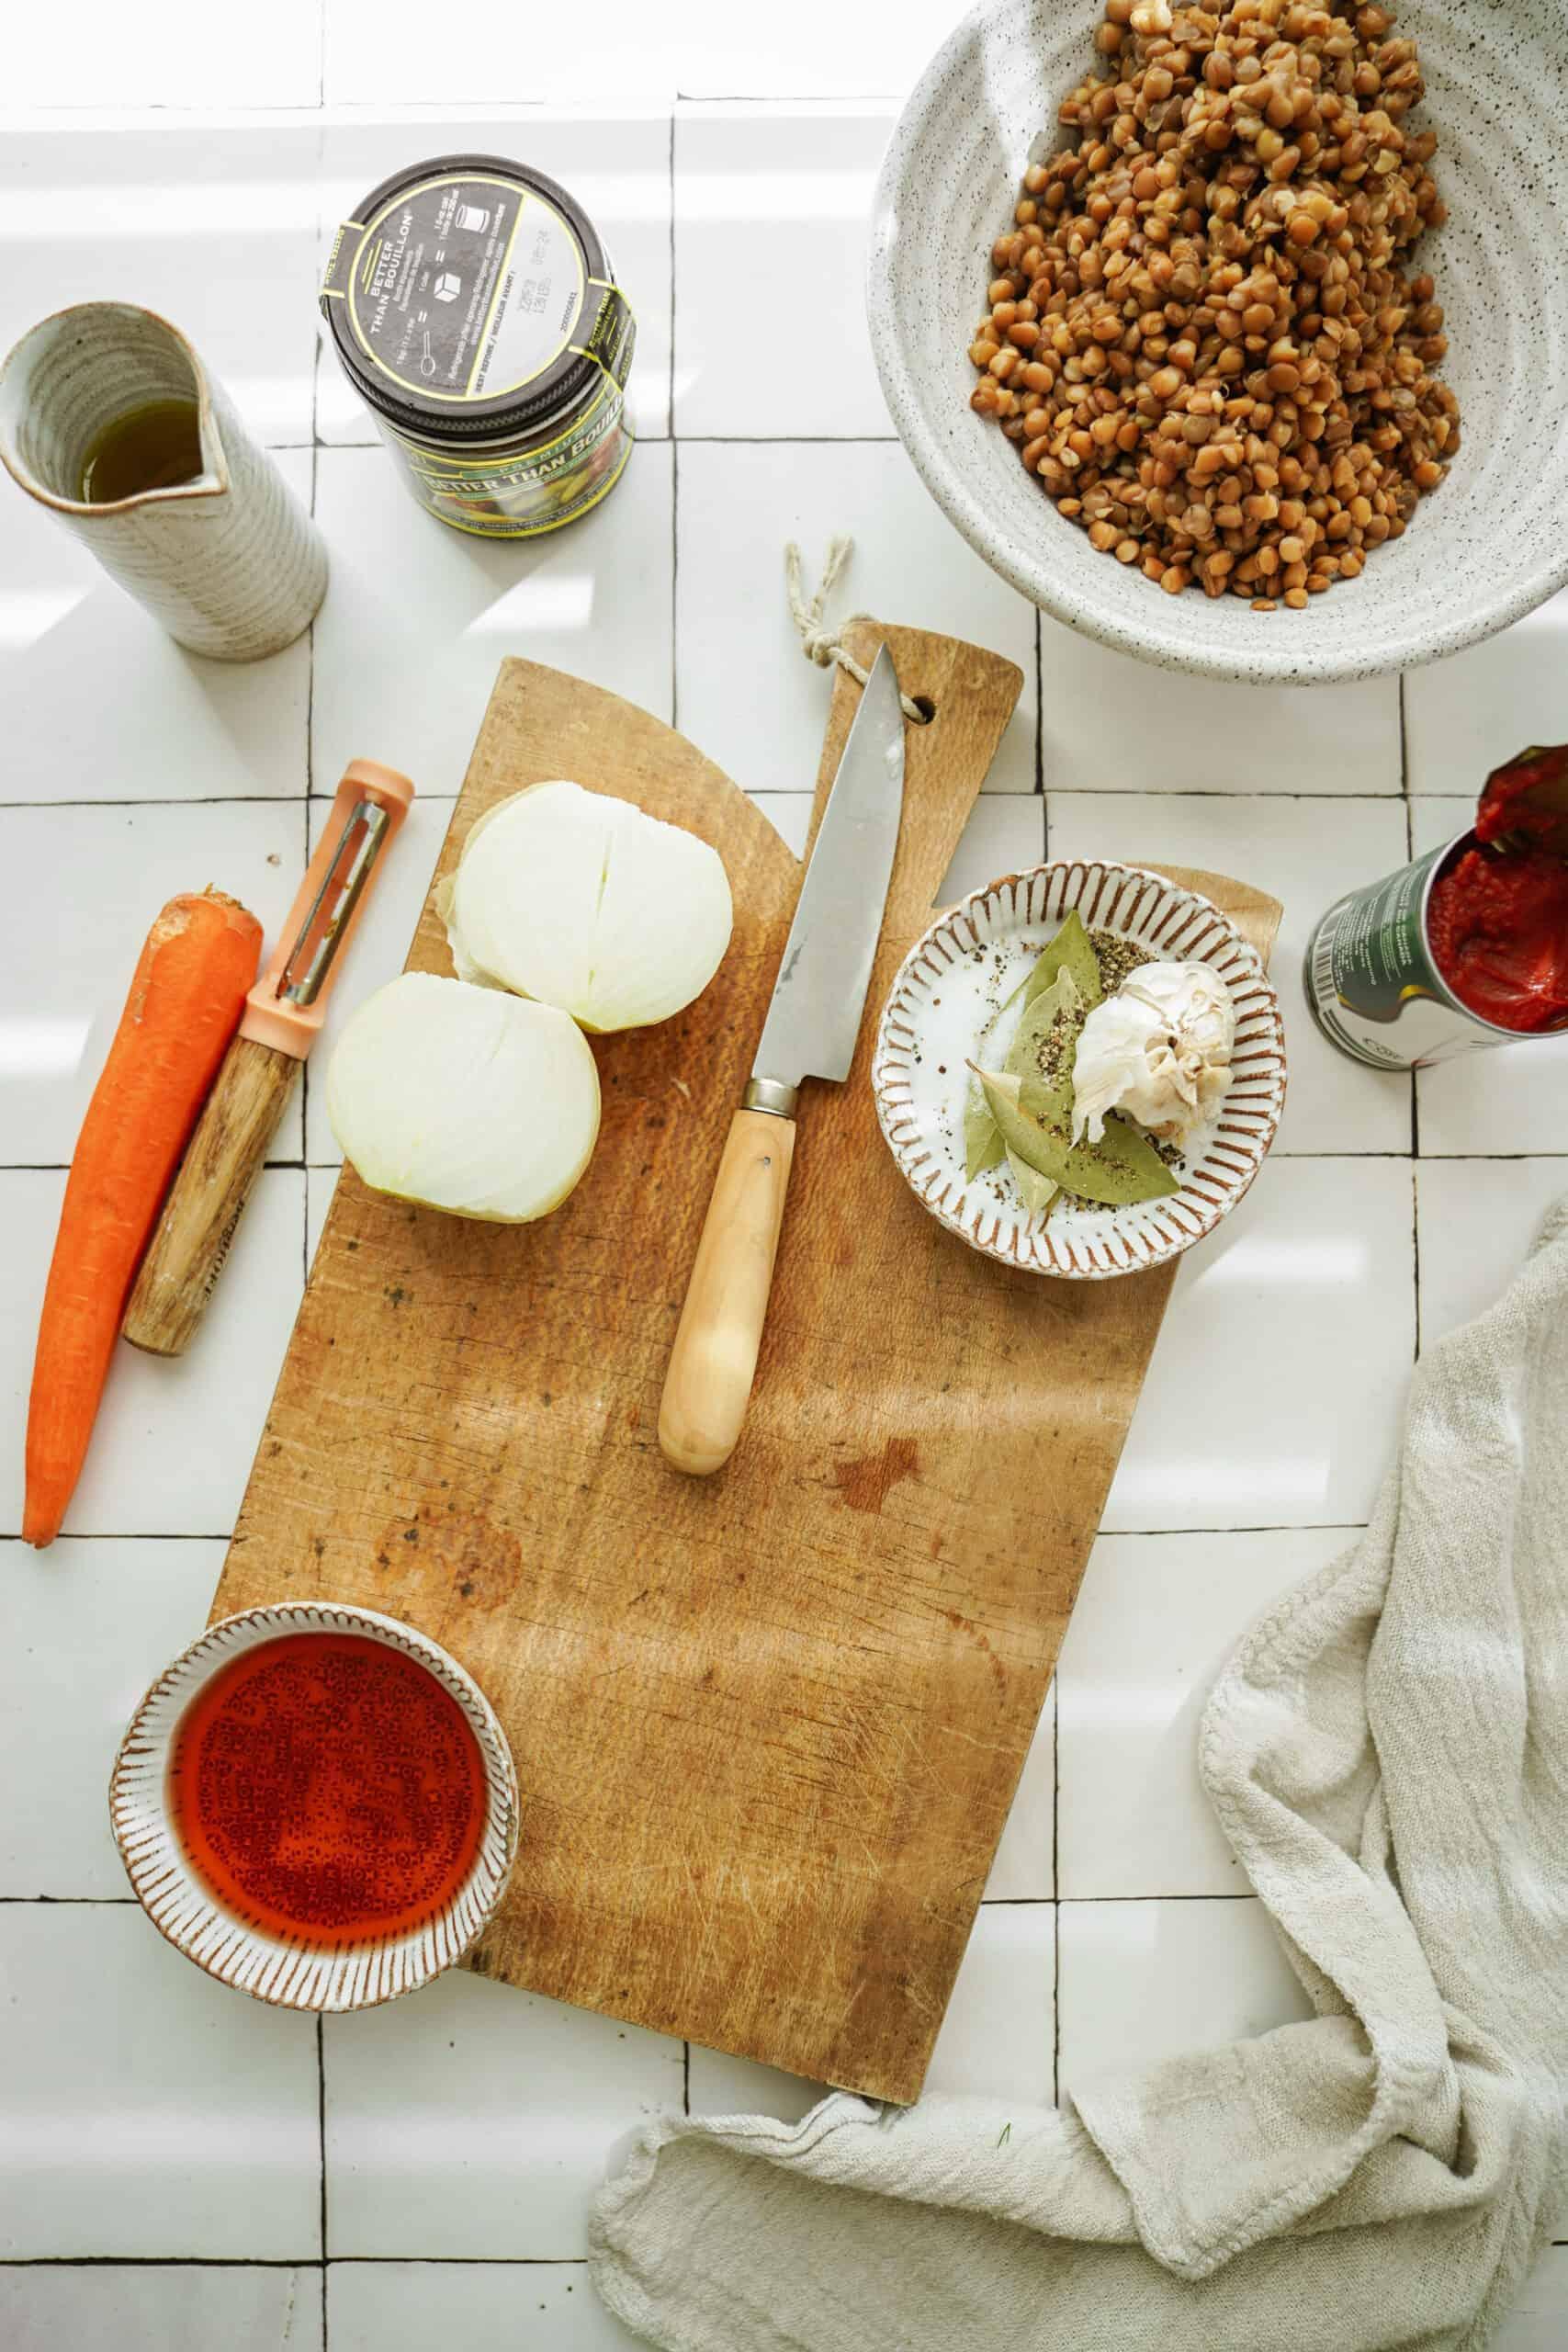 Ingredients for Greek lentil soup